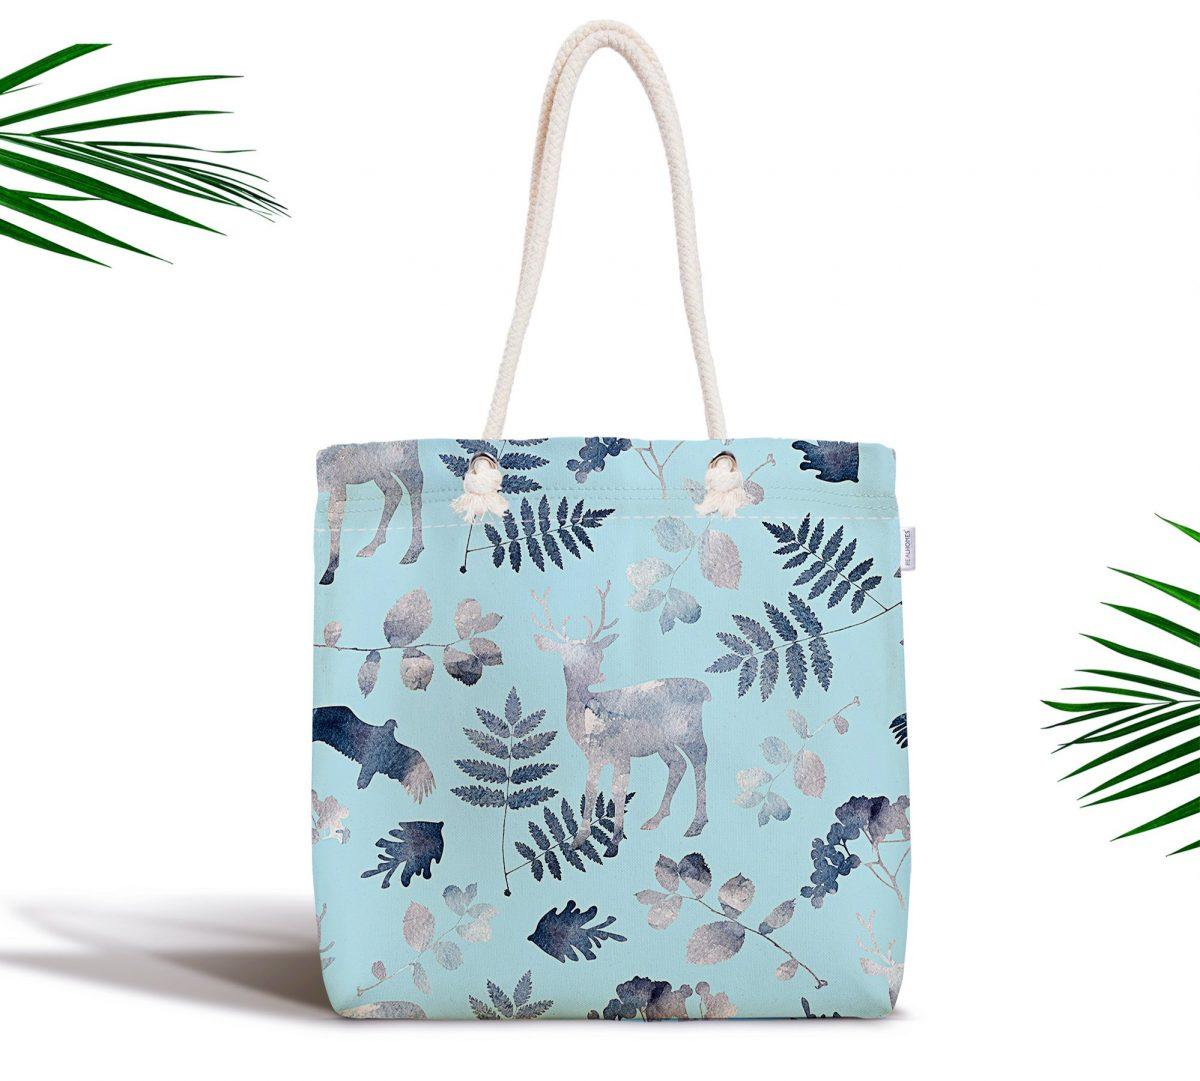 Mavi Zeminli Geyik ve Yaprak Desenli Fermuarlı Modern Kumaş Çanta Realhomes